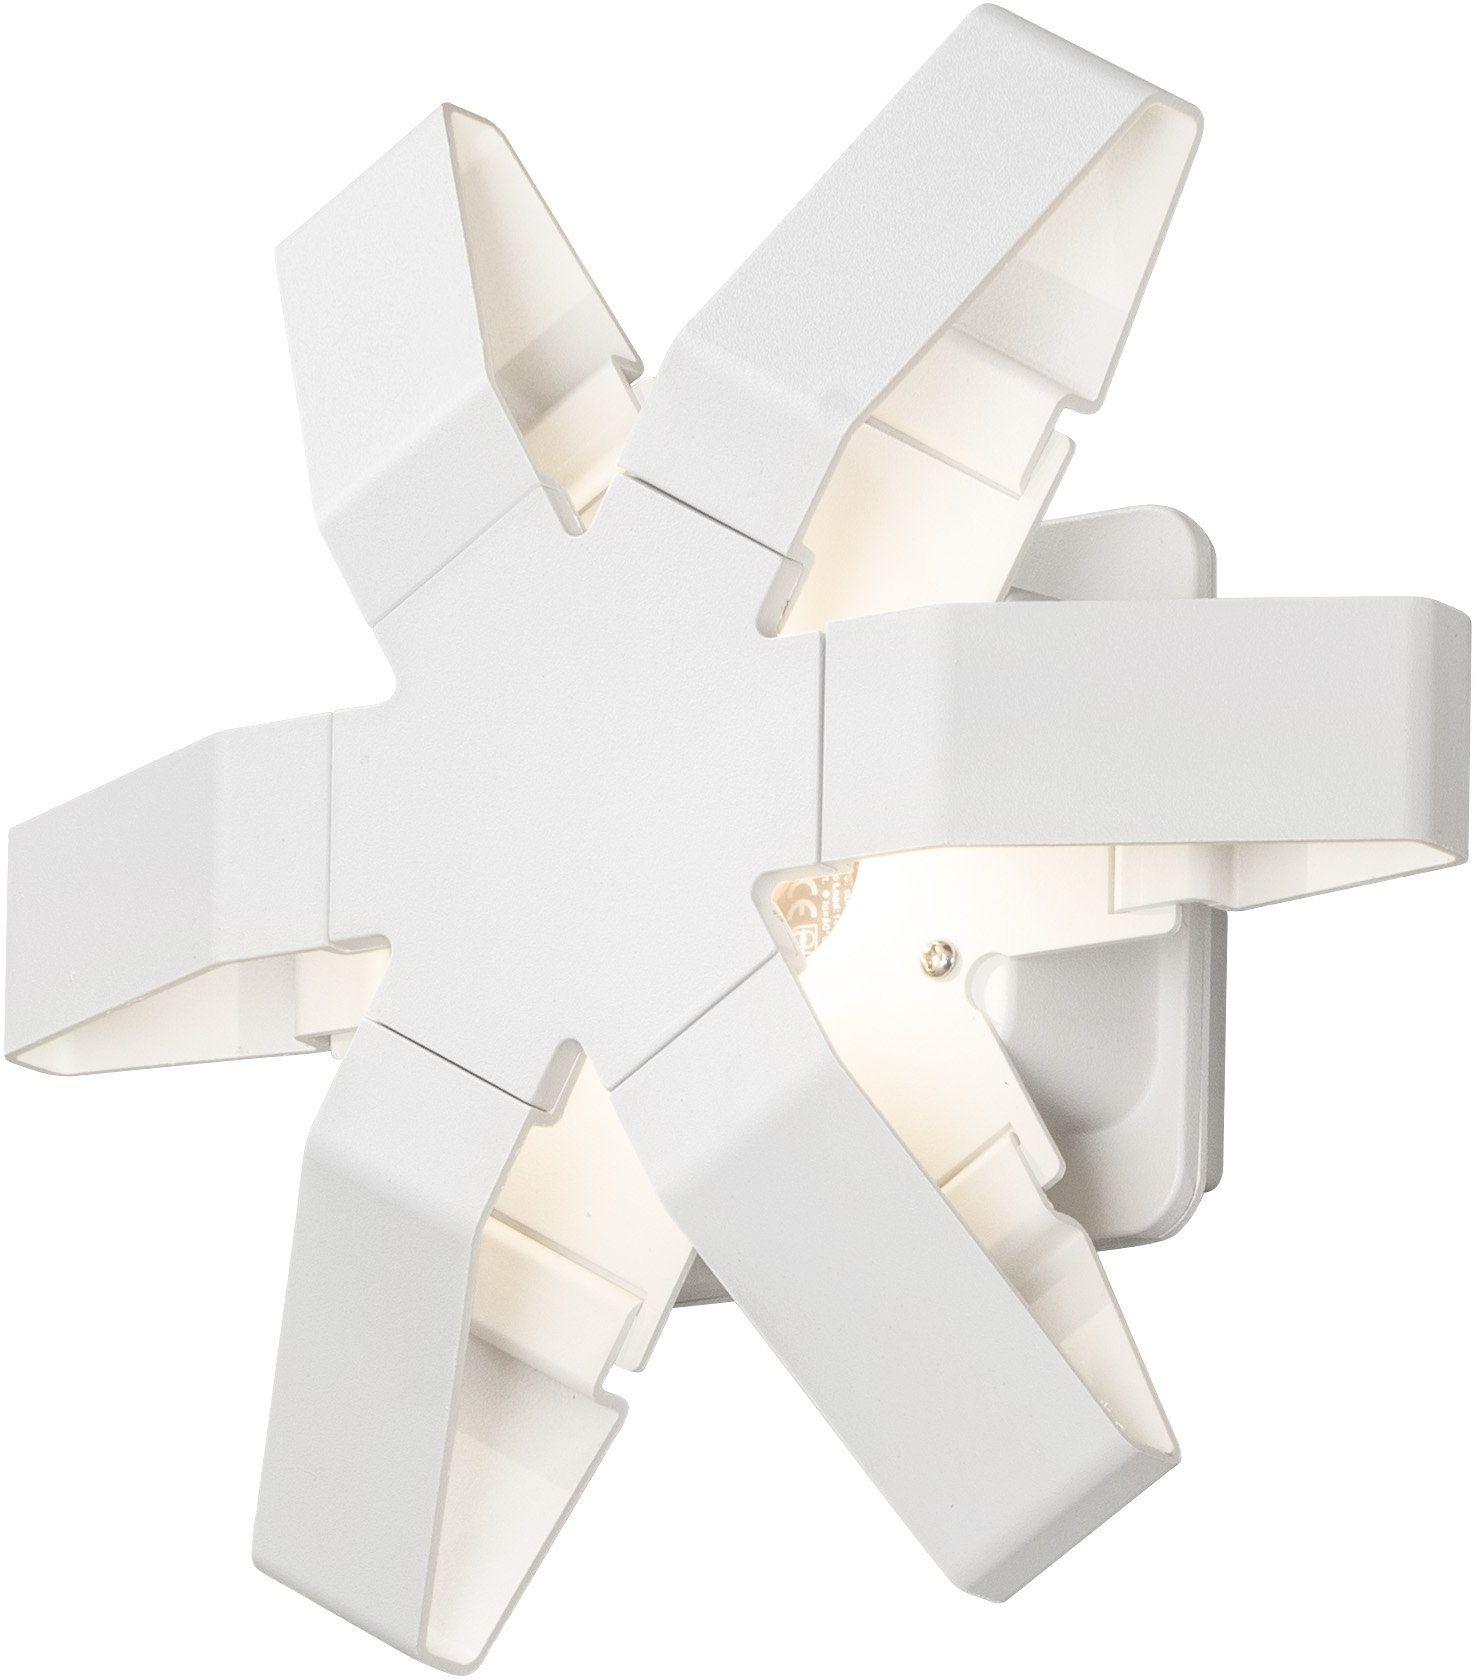 Gnosjö Konstsmide 7977-250 A lampy ścienne zewnętrzne, aluminium, białe, 10 x 25 x 23,5 cm